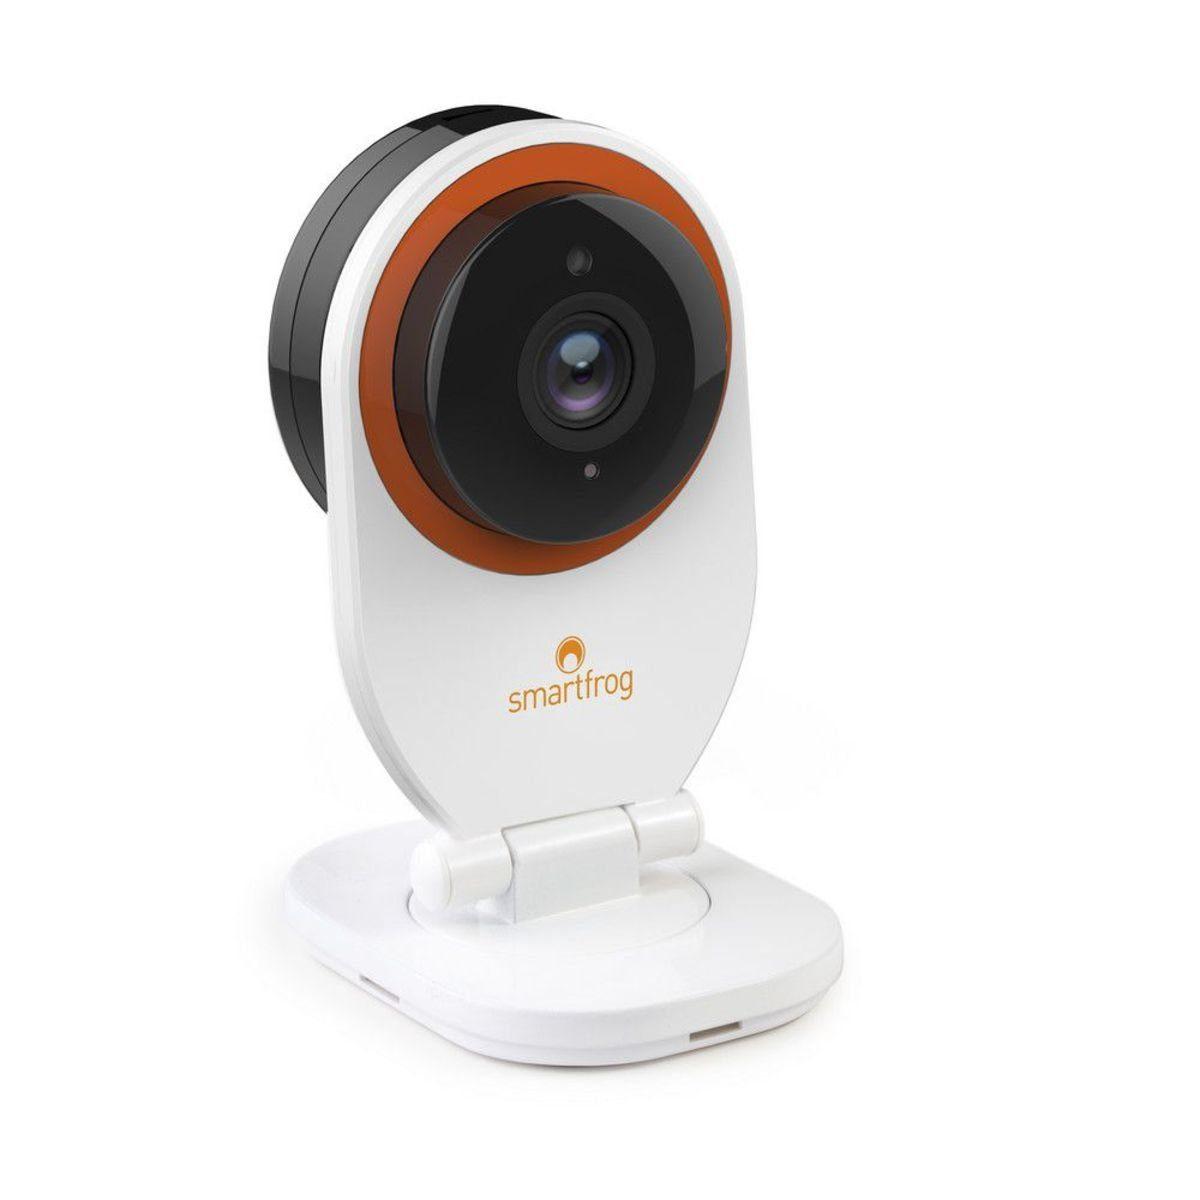 Smartfrog Kamera-Paket »Überwachungskamera inkl. Video Speicher«